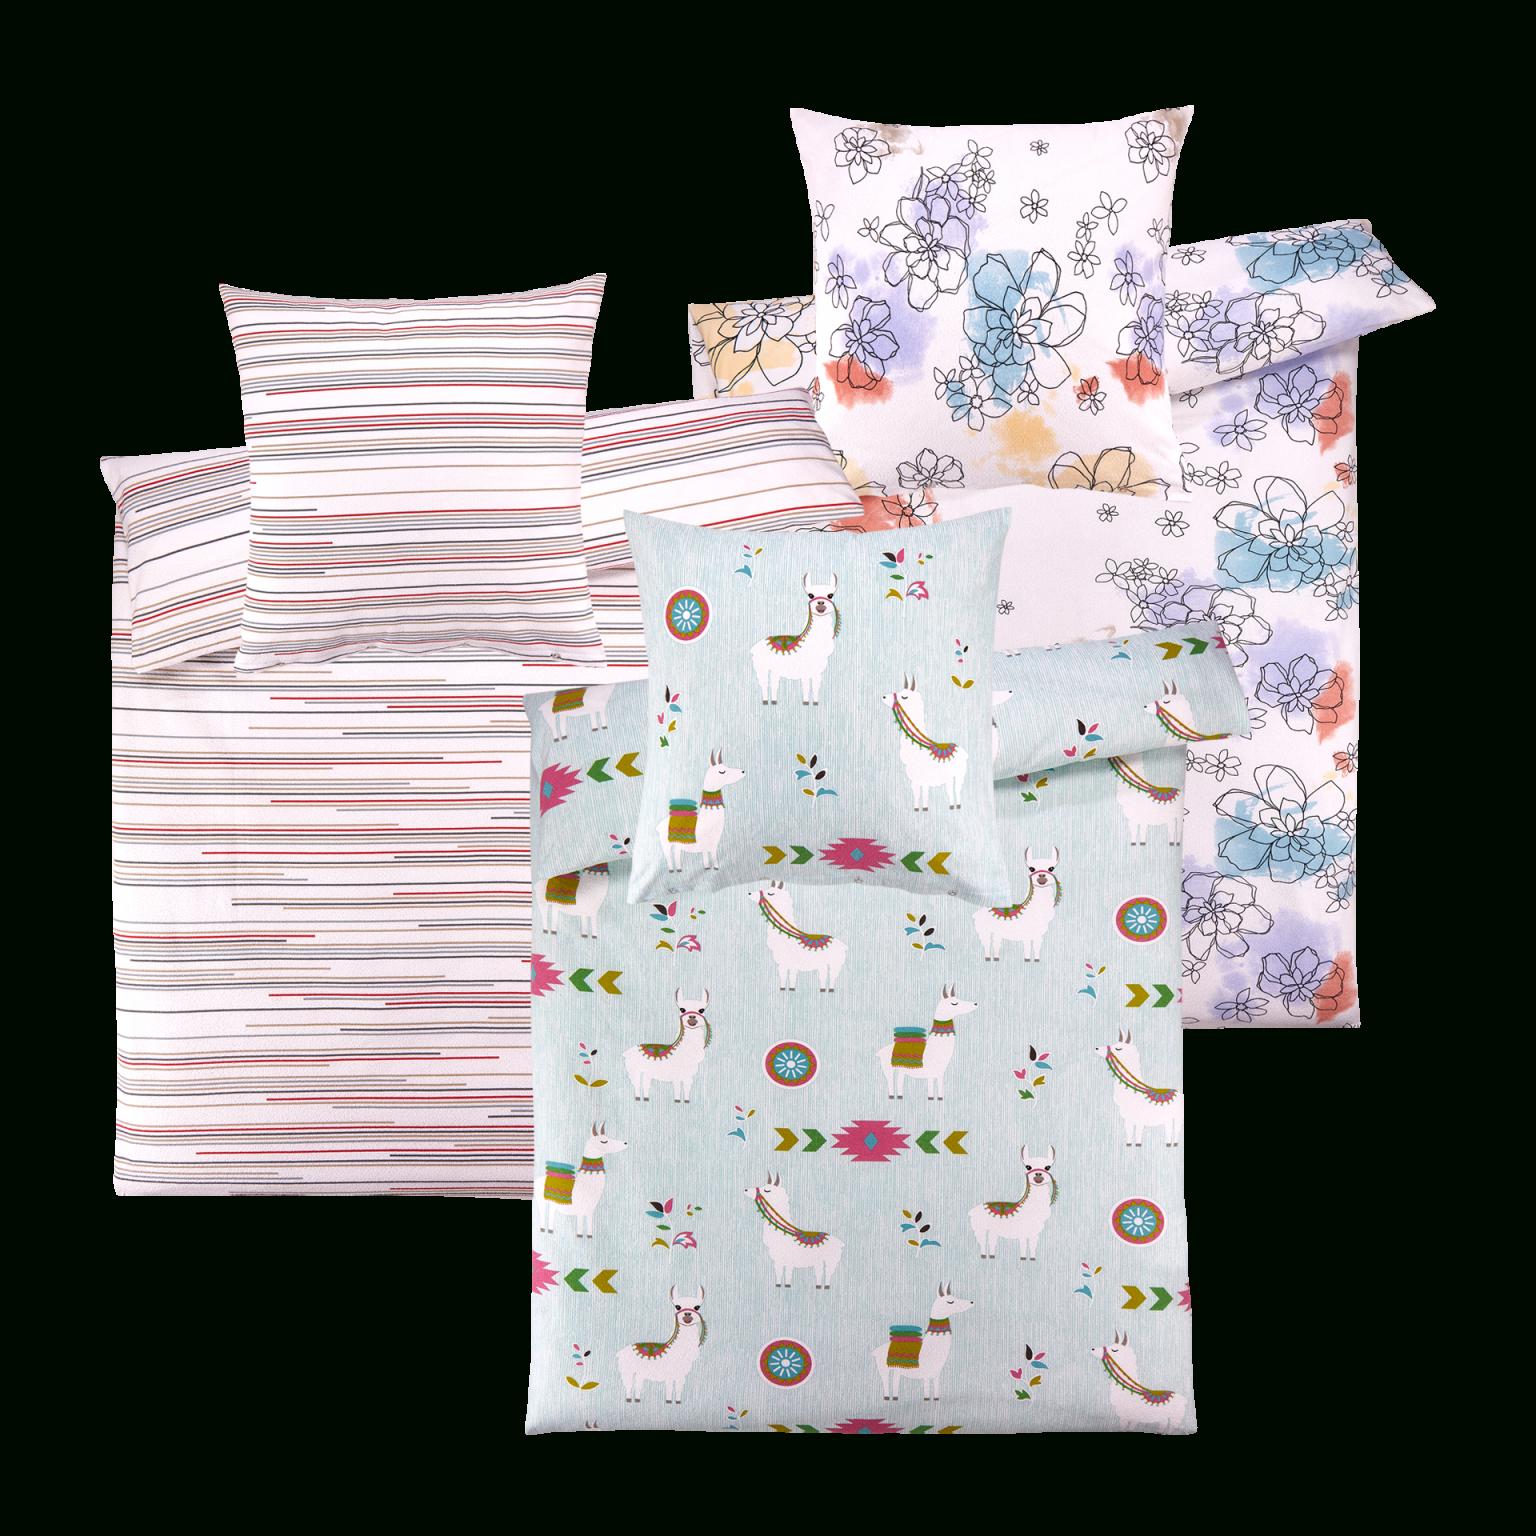 Aktiv Disney Micky Maus Kinder Bettwäsche Kopfkissen Bettdecke von Micky Und Minni Bettwäsche Bild